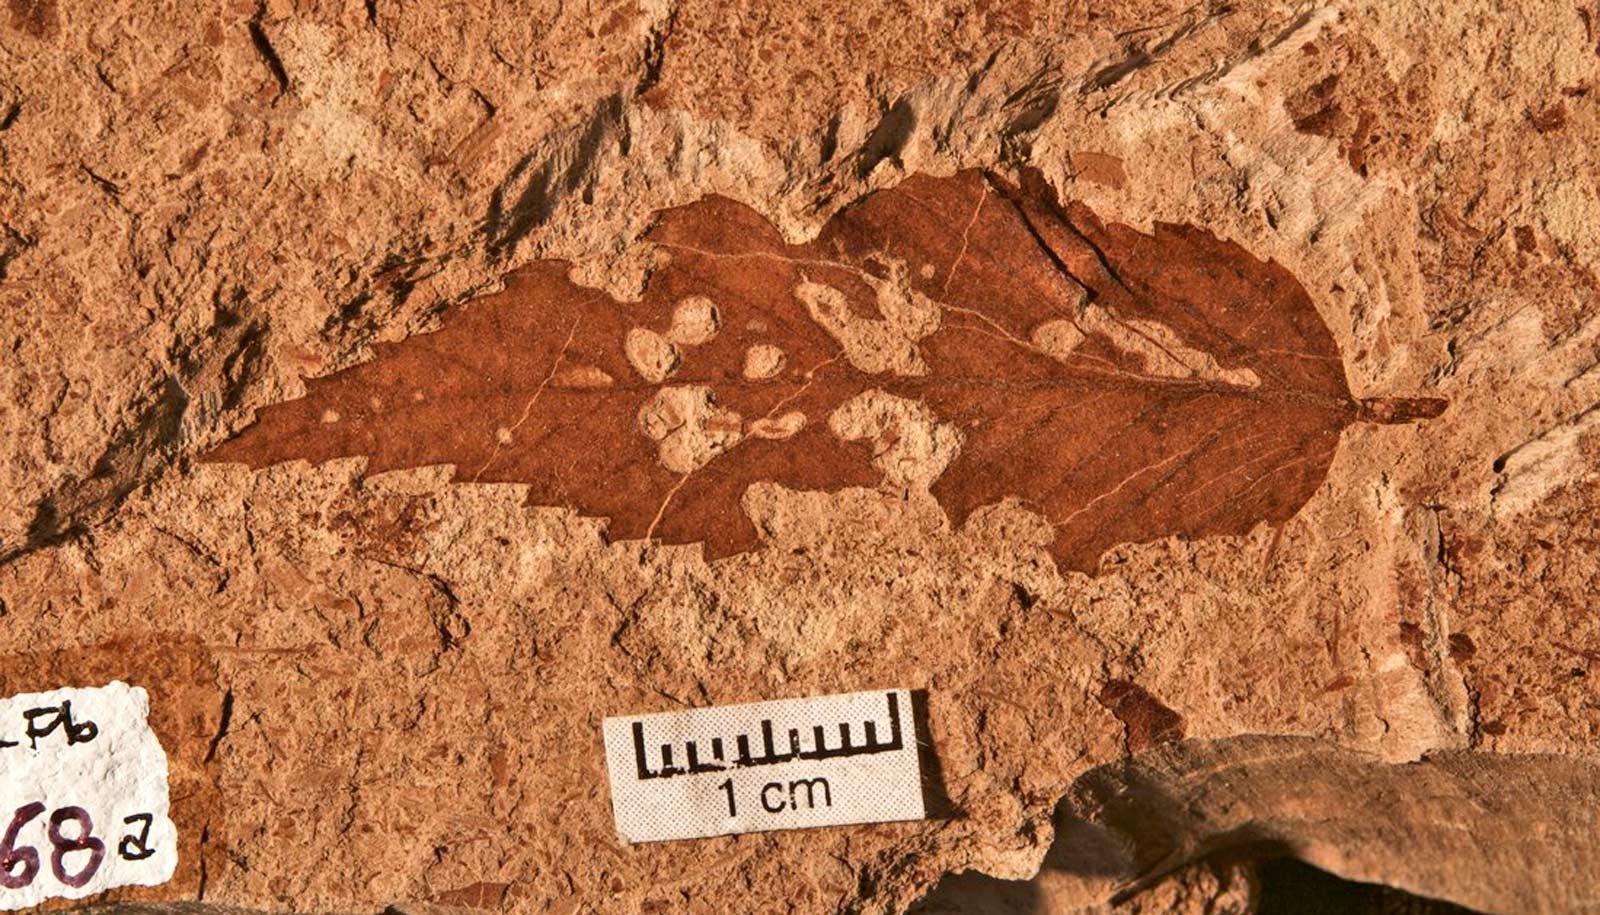 leaf fossil